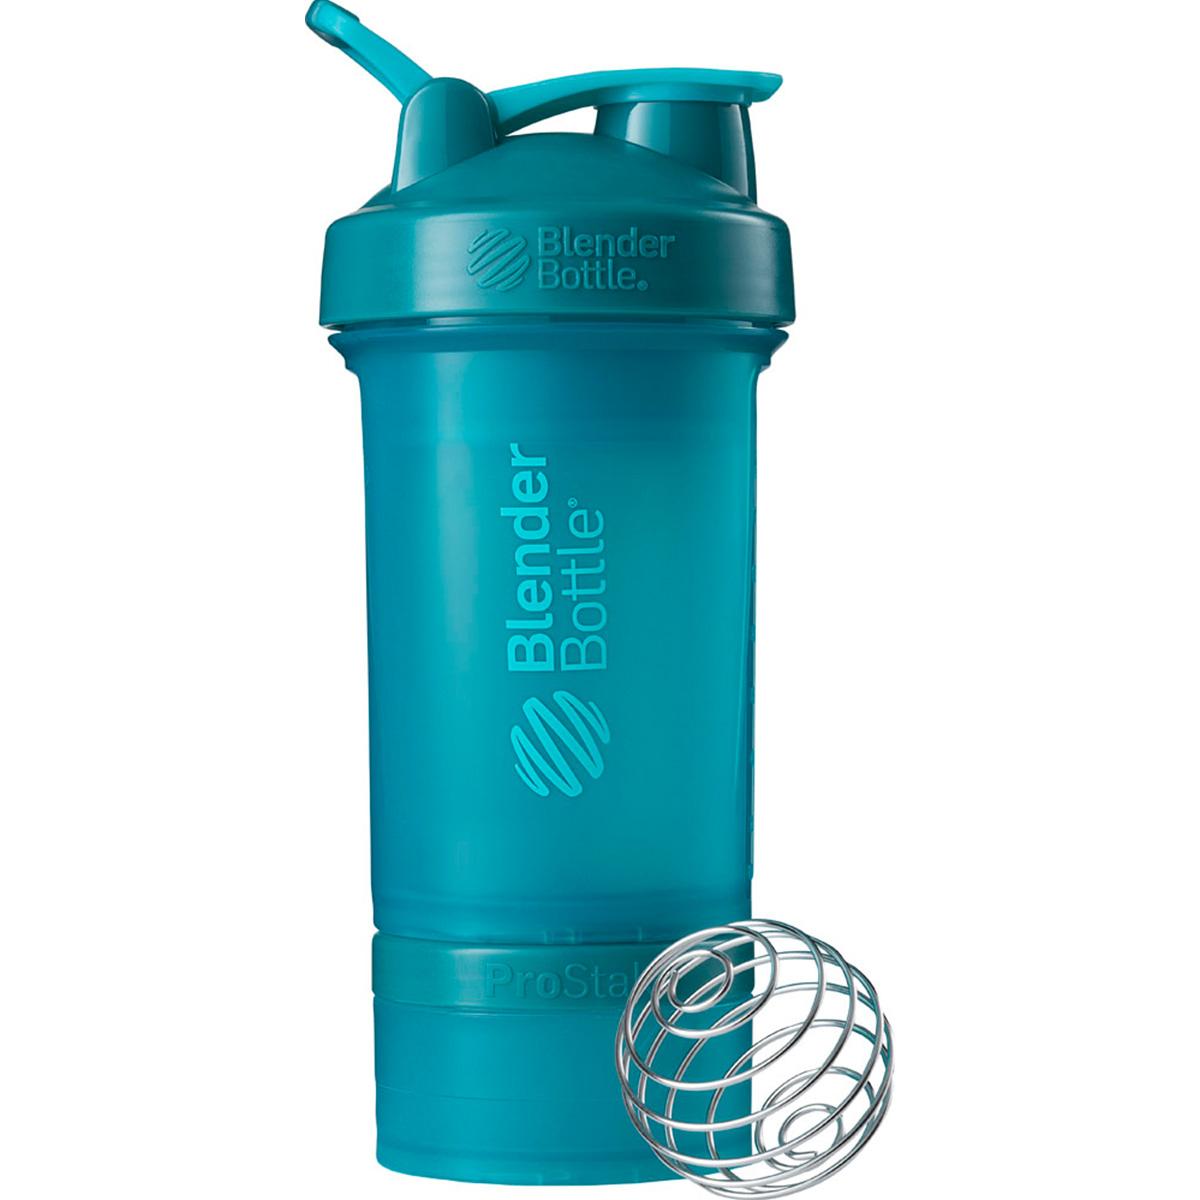 ブレンダーボトル Blender Bottle プロテイン シェイカー ボトル スポーツミキサー 650ml プロスタック PROSTAK ライト ブルー BBPSE22